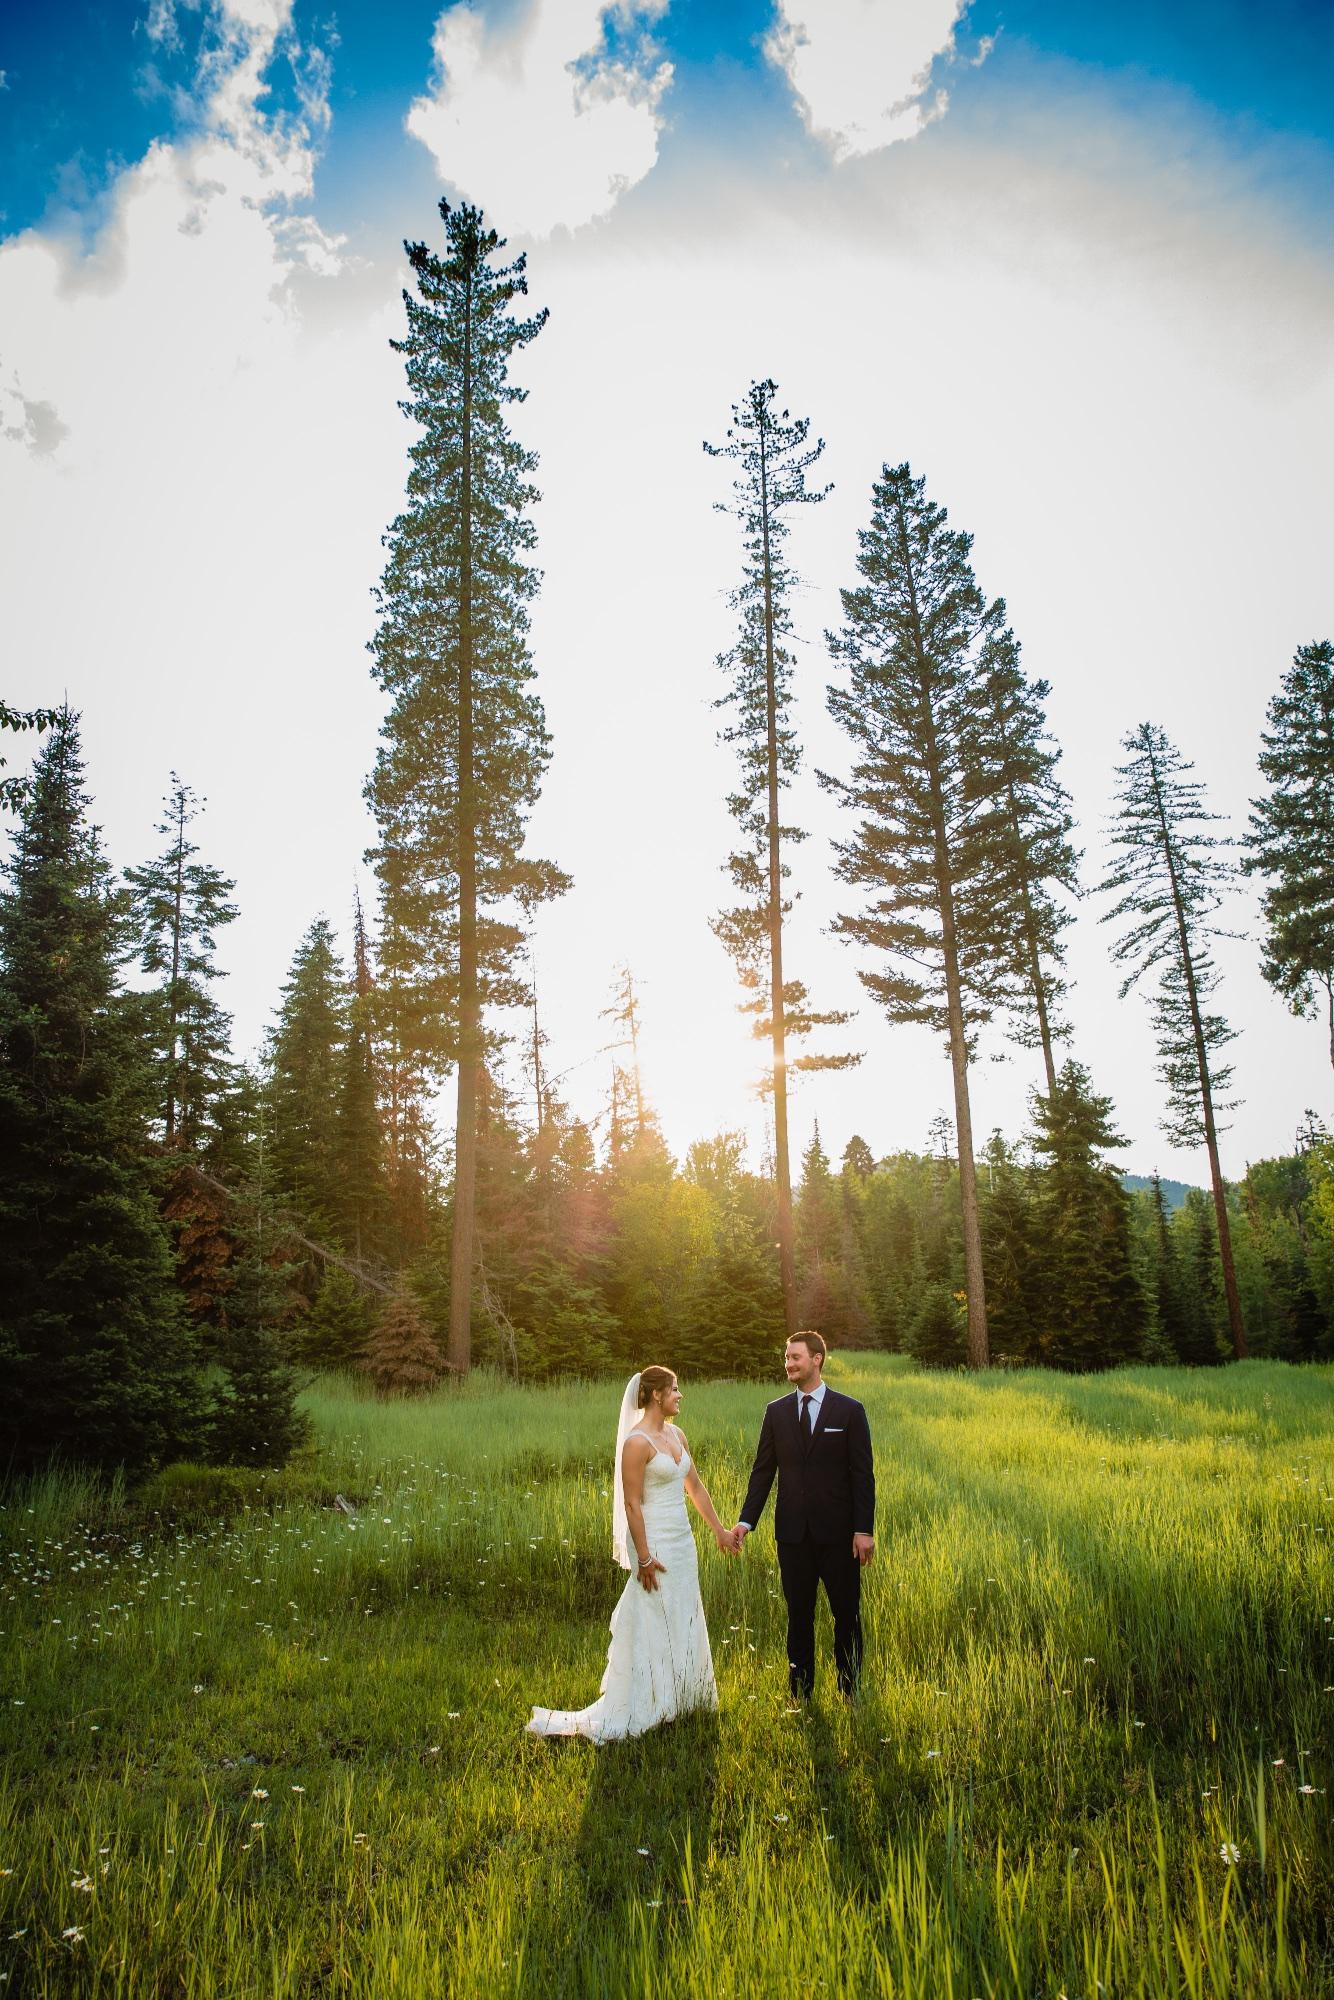 lindseyjanephotography_wedding0060.jpg